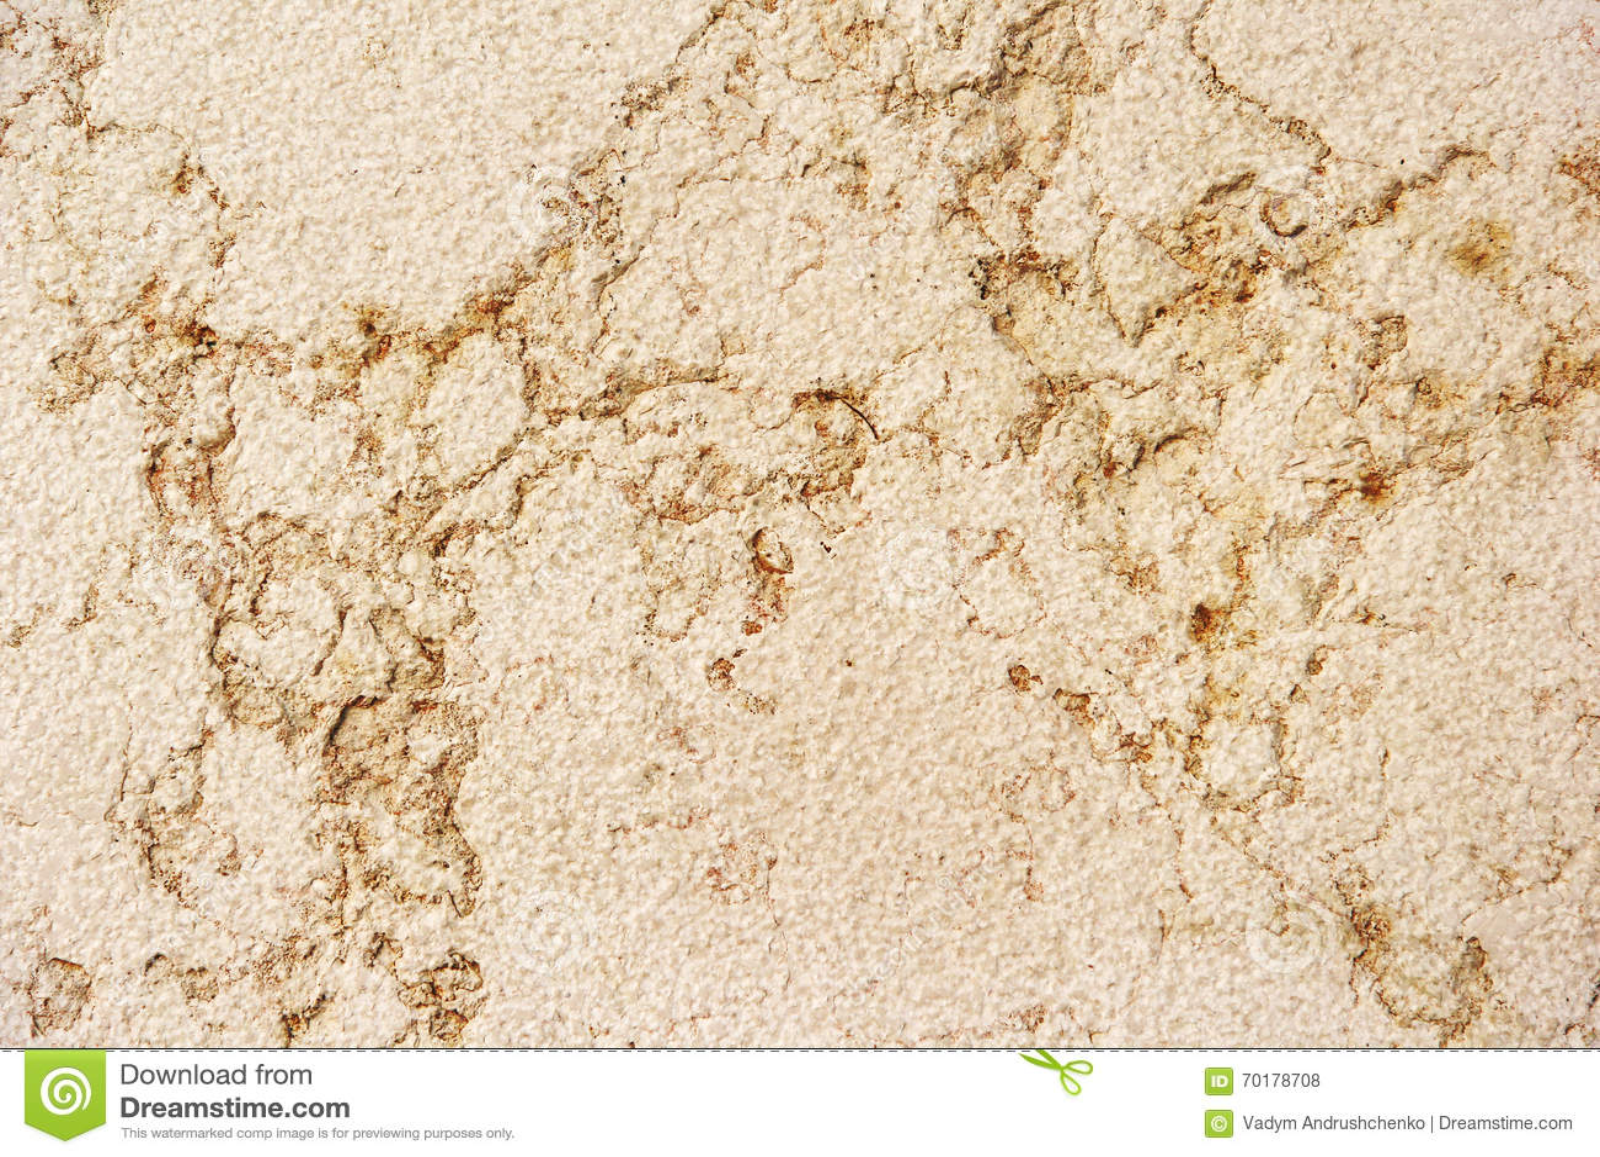 Piaskowcowy tekstury tło